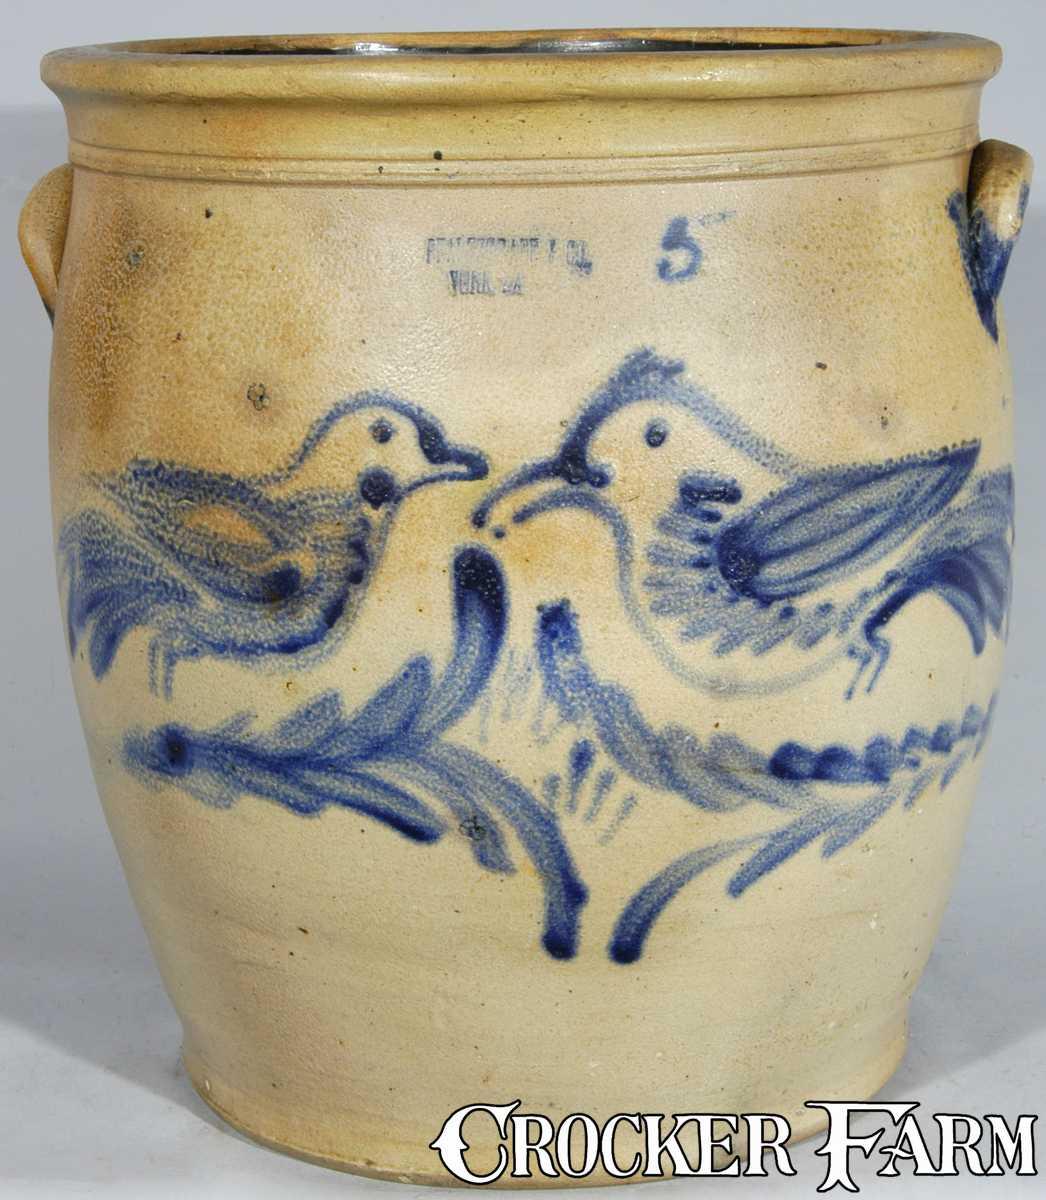 J.B. PFALTZGRAFF / YORK, PA Stoneware Birds Crock -- Lot 152 ...